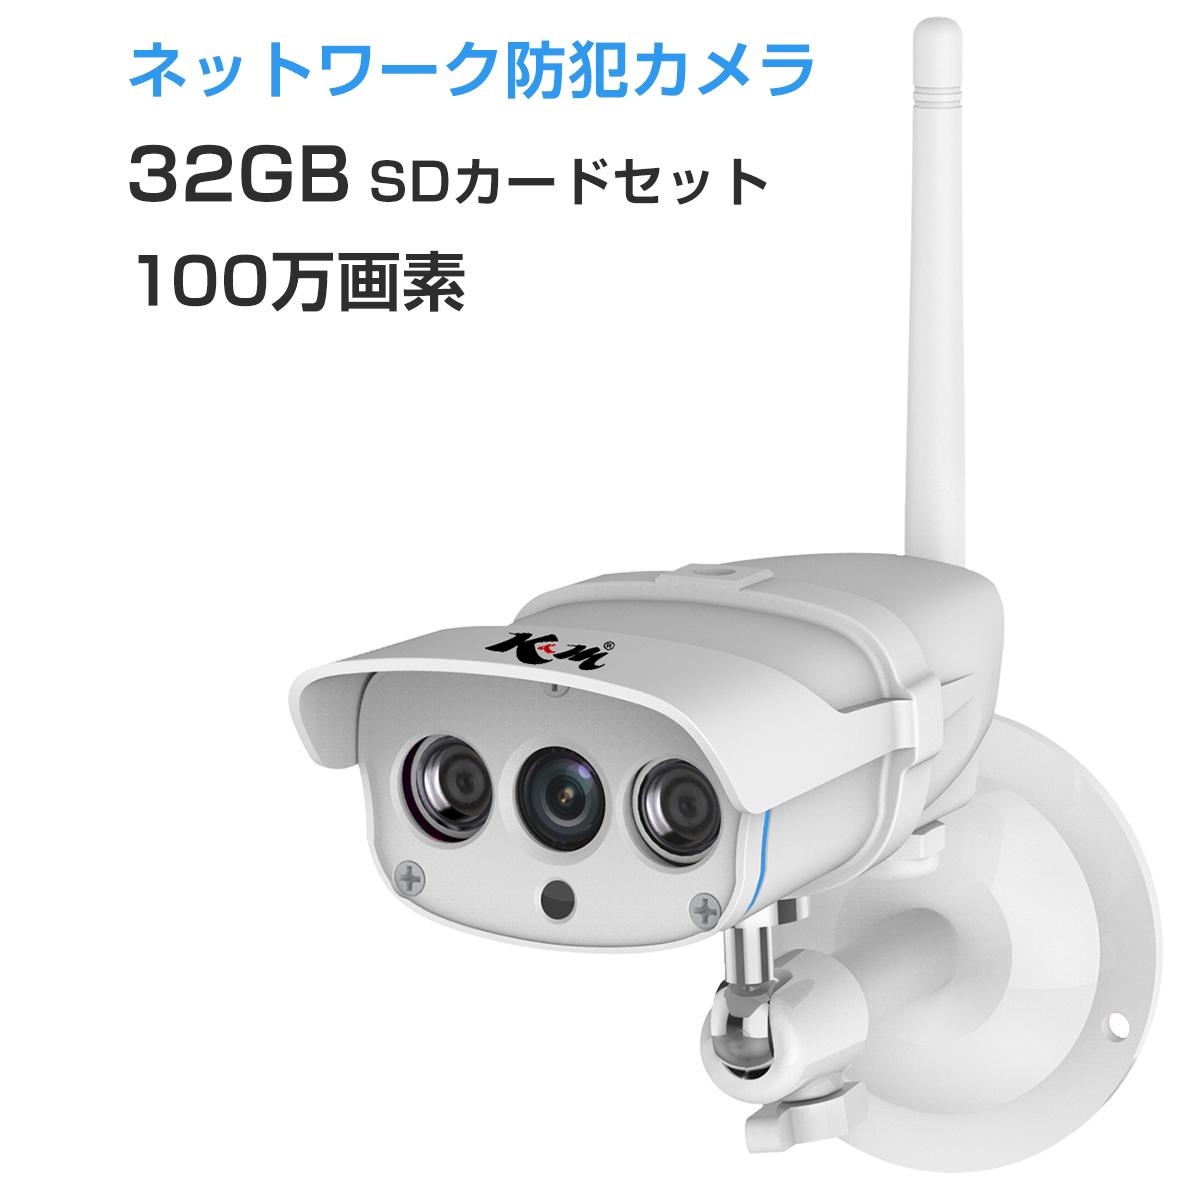 防犯カメラ 100万画素 C7816 SDカード32GB同梱モデル ペットモニター VStarcam ワイヤレス 無線WIFI MicroSDカード録画 LANケーブルなくても電源繋ぐだけ 屋外用 監視 ネットワーク IP WEB カメラ 動体検知 宅配便送料無料 PSE 技適 1年保証 K&M